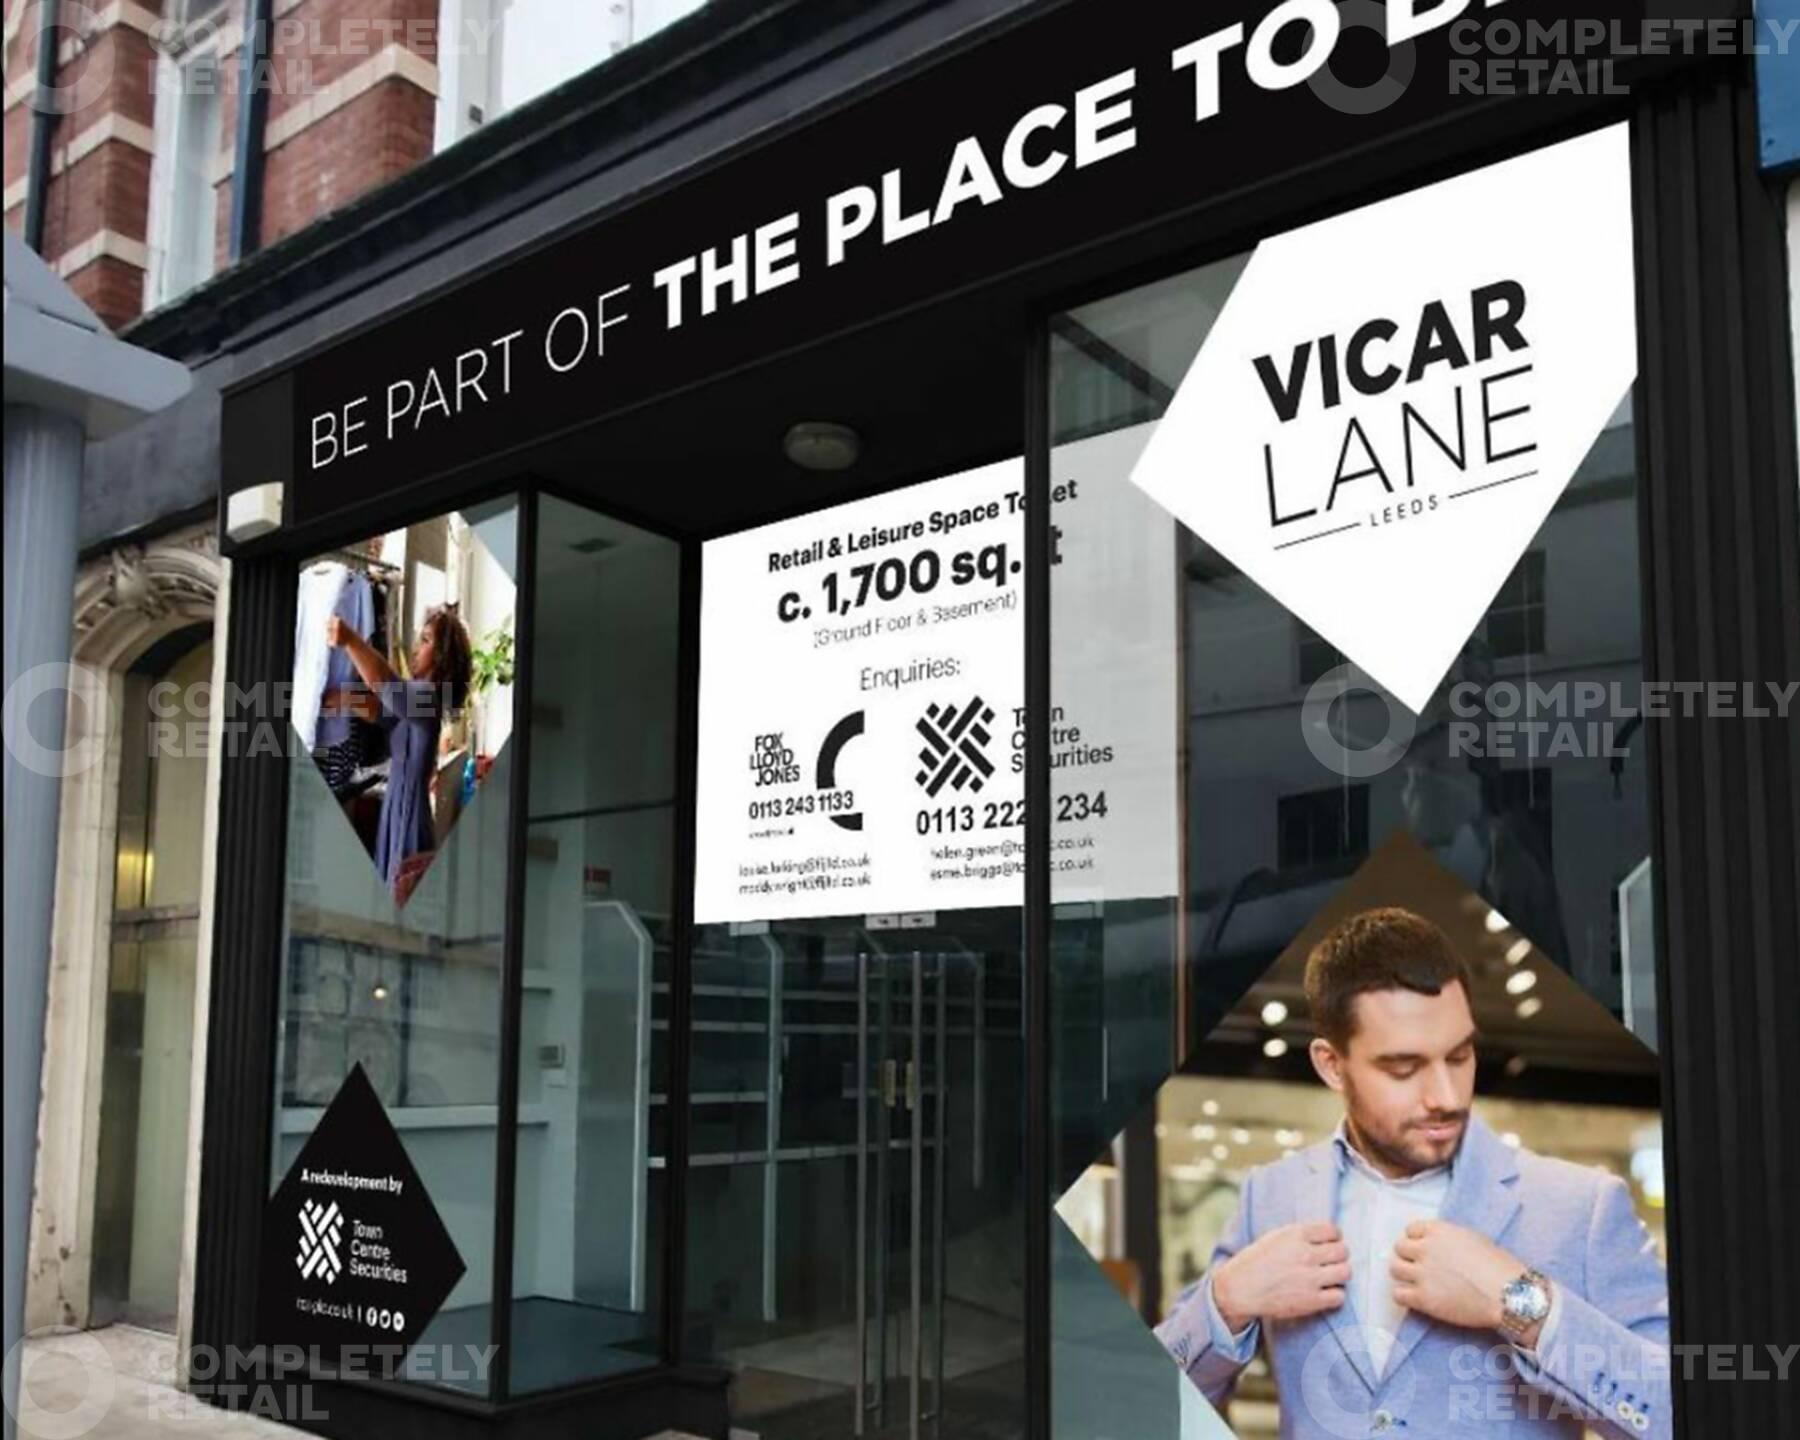 80 Vicar Lane